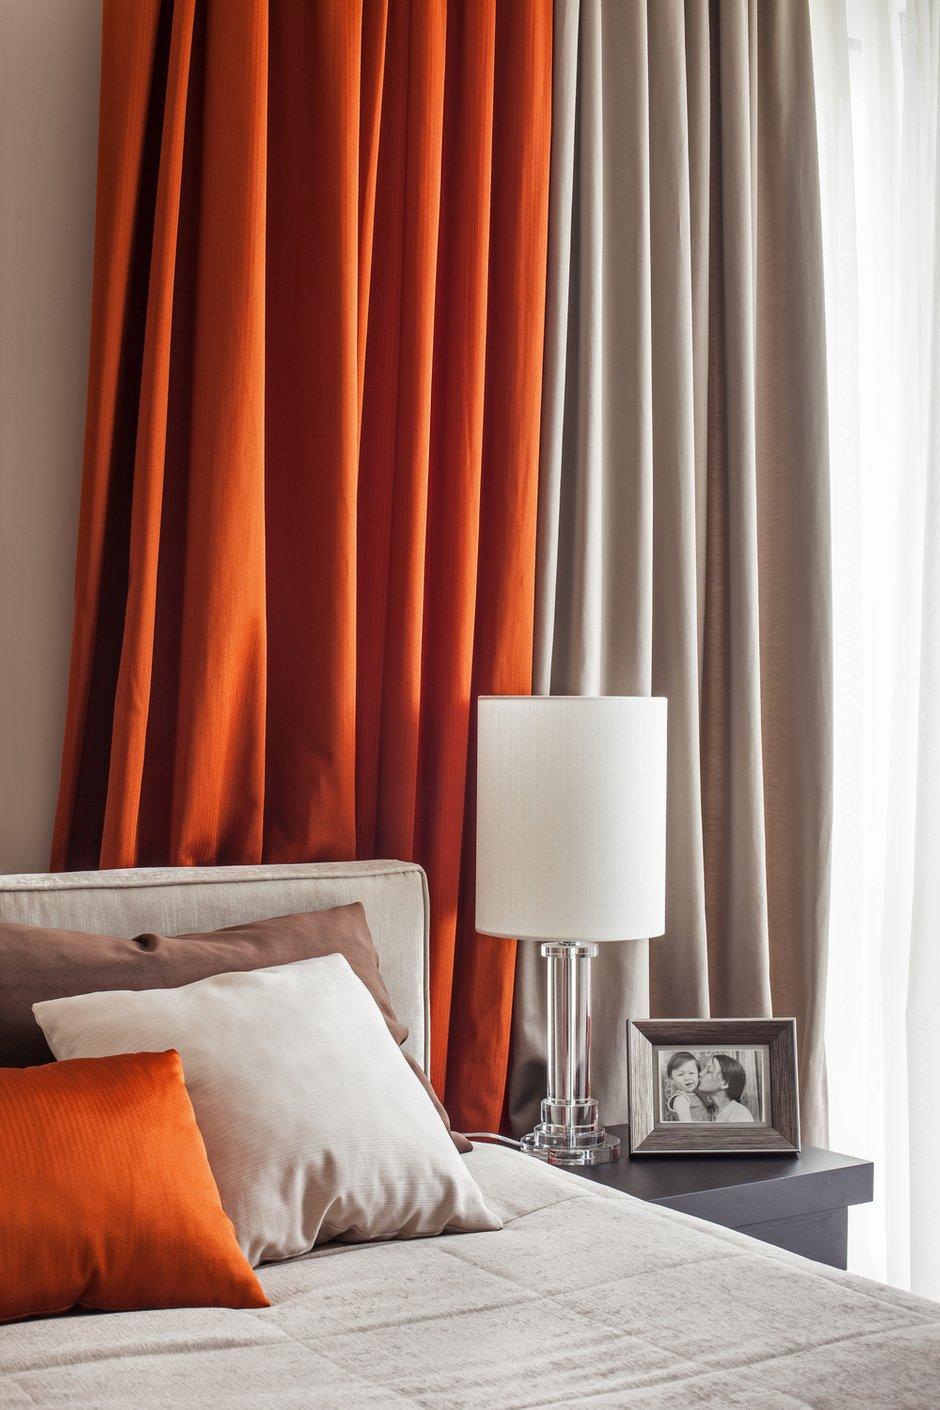 Фотография: Спальня в стиле Современный, Квартира, Hudson Valley, Vistosi, Дома и квартиры, Проект недели, Porada – фото на INMYROOM